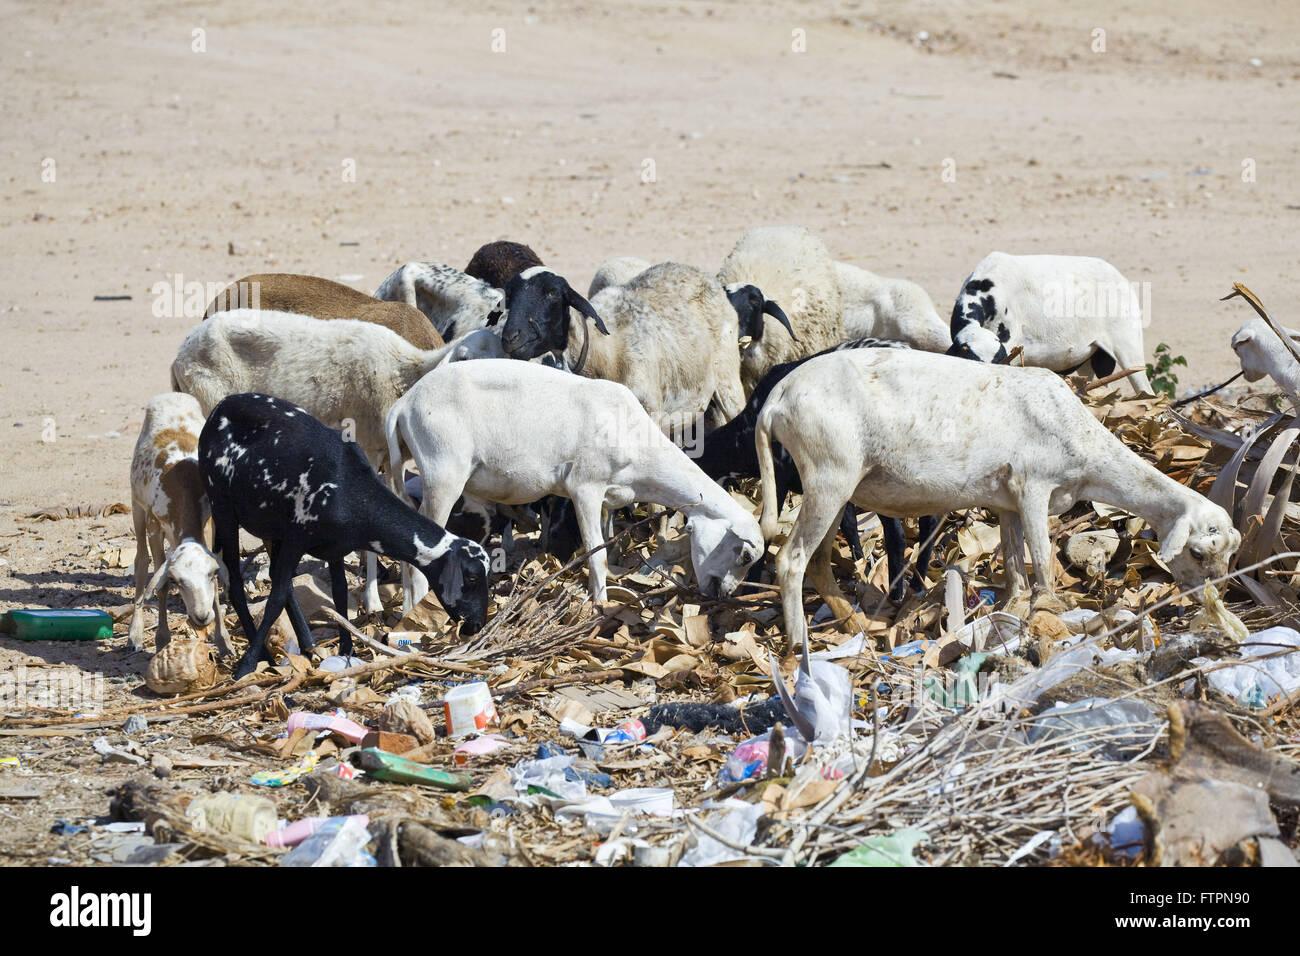 Les chèvres se nourrissent dans la corbeille en raison de l'absence d'herbe sèche de la savane Photo Stock